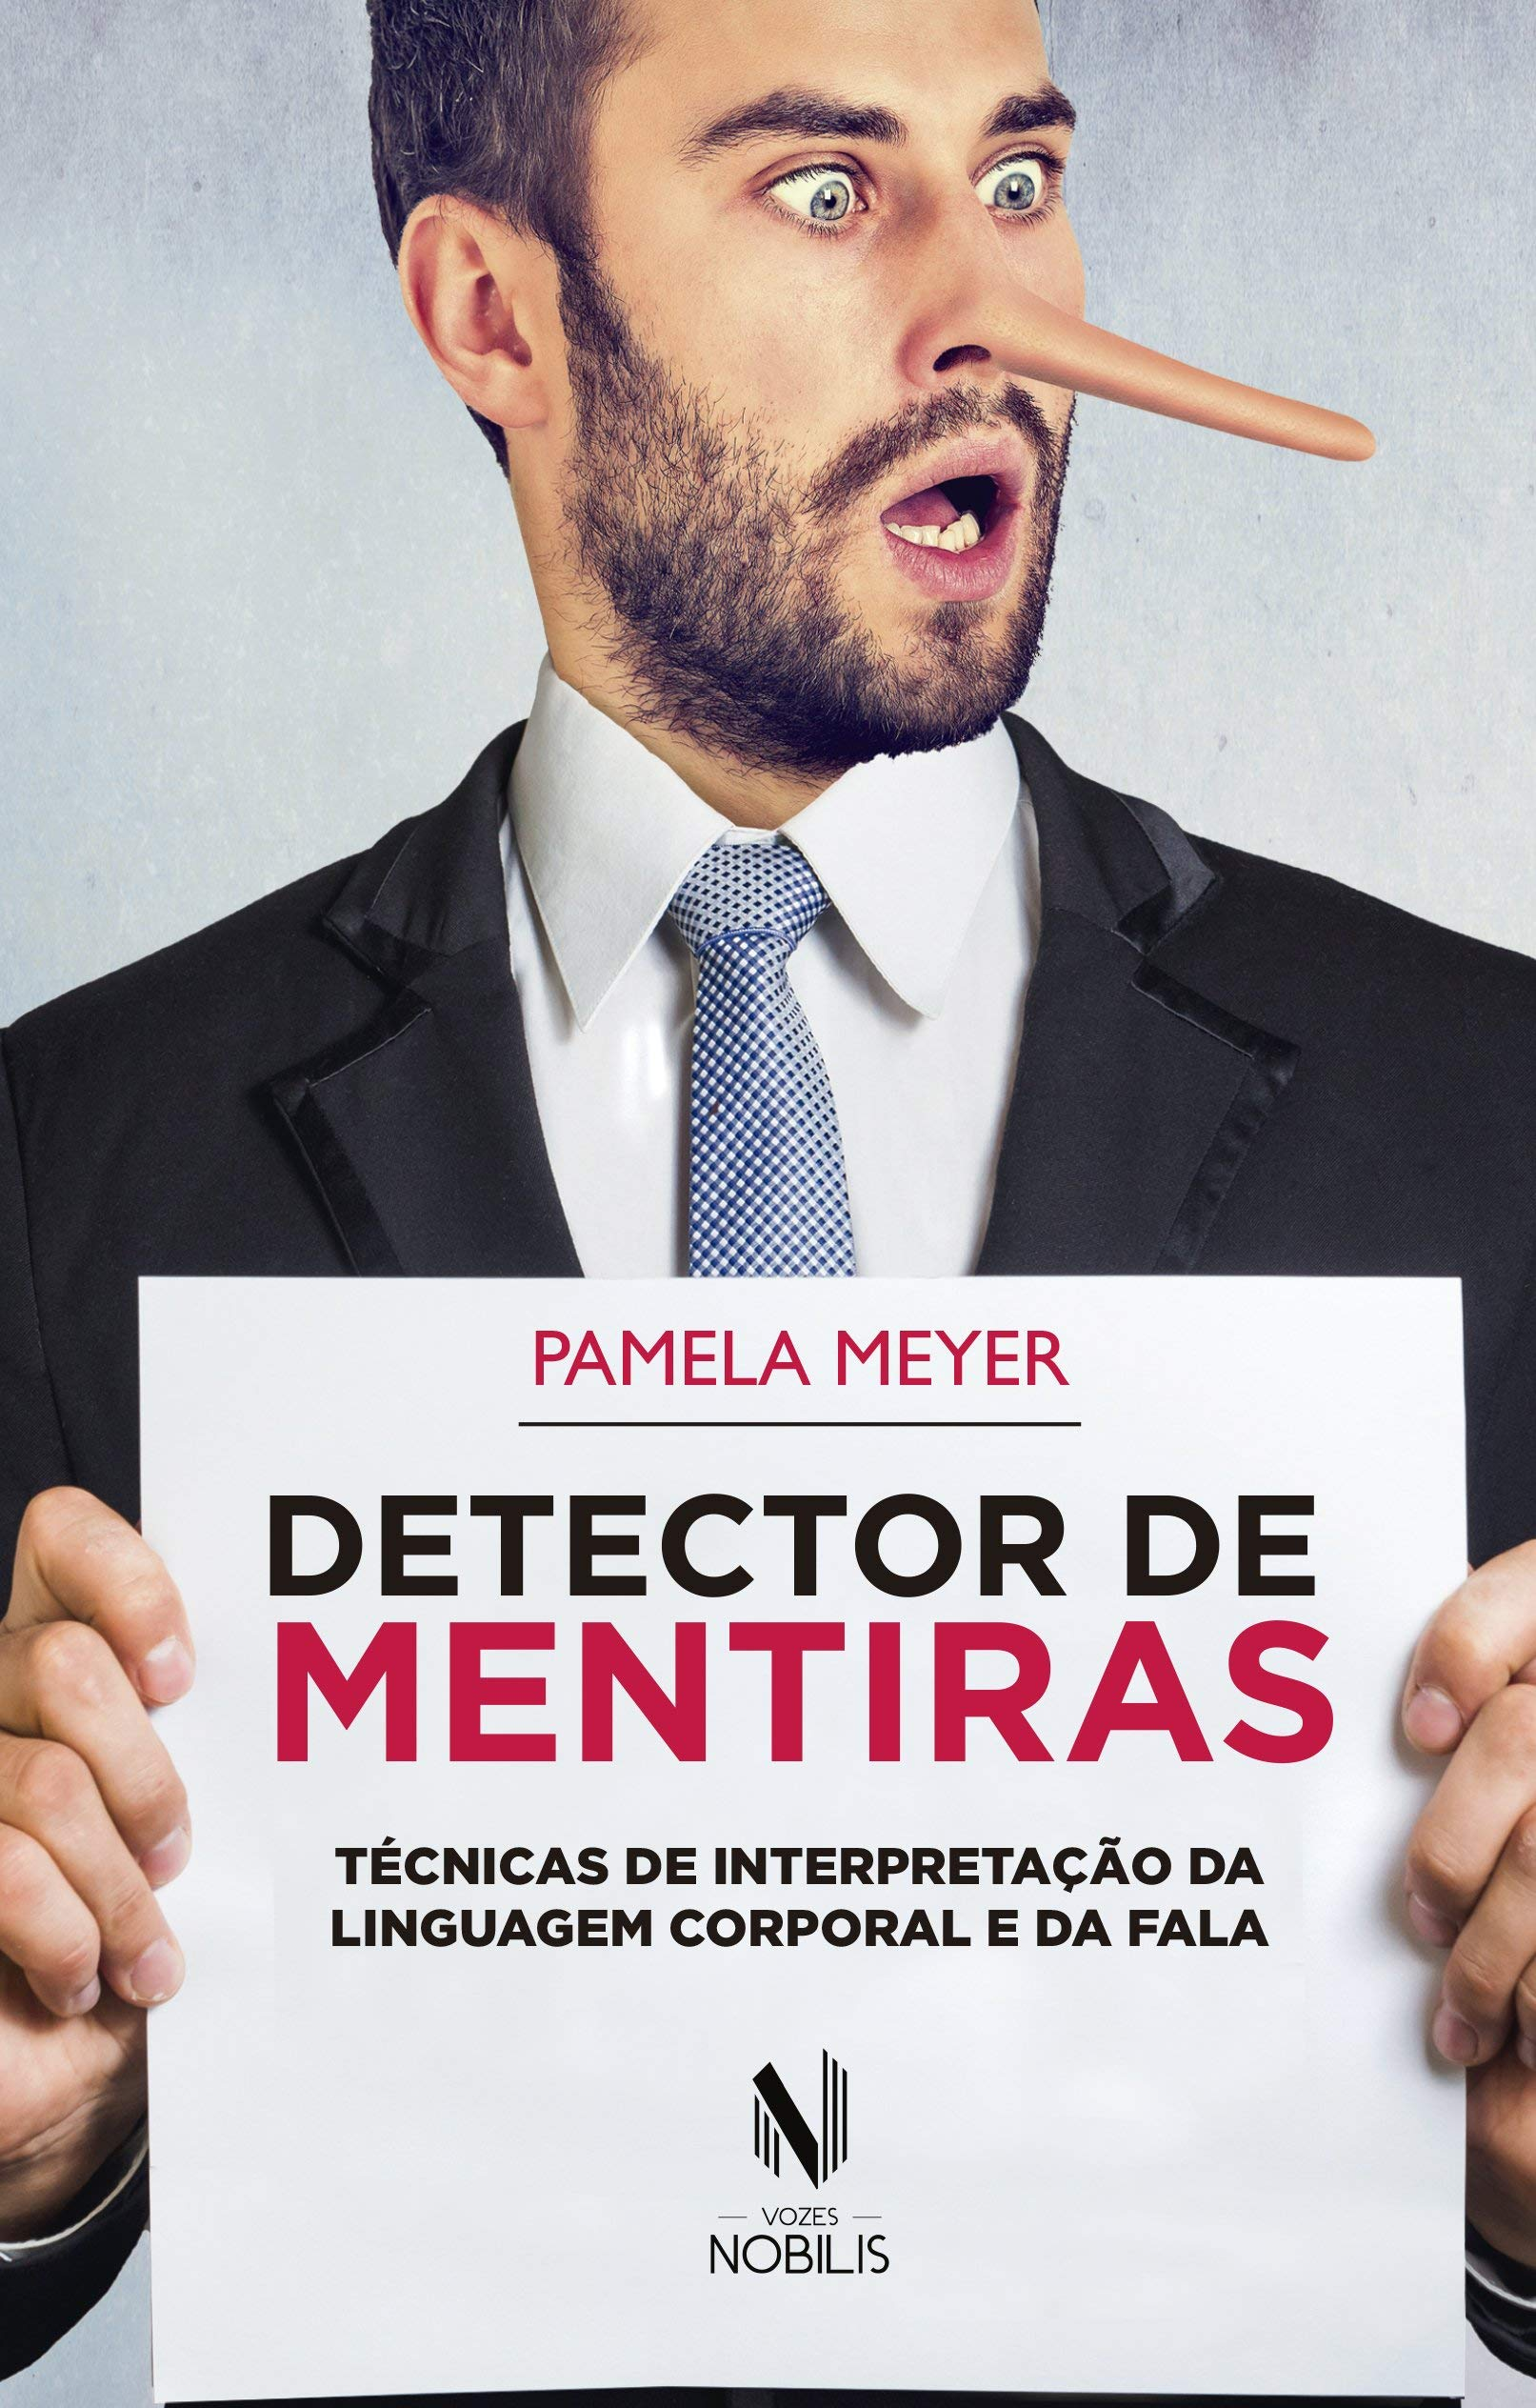 Detector de Mentiras. Técnicas de Interpretação da Linguagem Corporal e da Fala Em Portuguese do Brasil: Amazon.es: Pamela Meyer: Libros